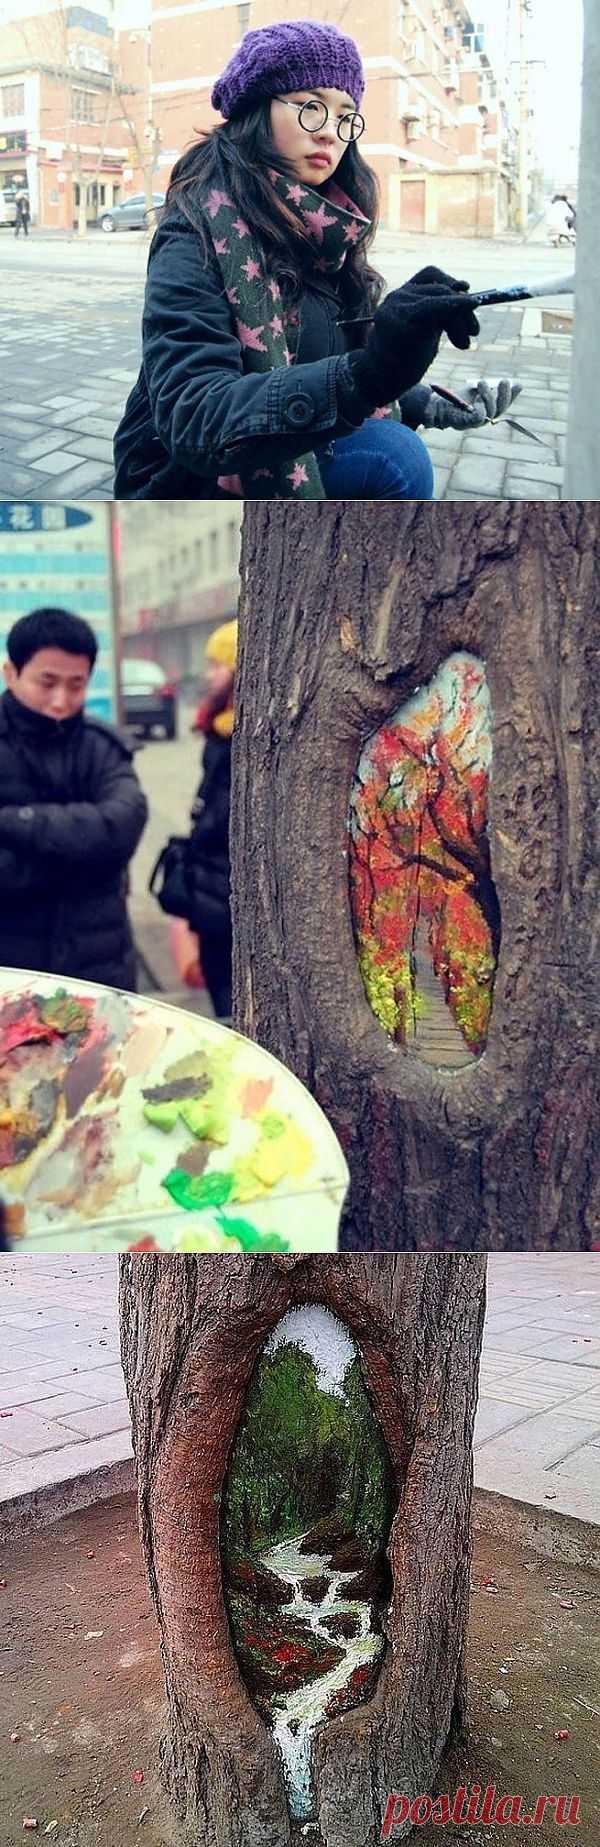 Необычный Street Art / Городская среда (граффити, снеговики, ets) / Модный сайт о стильной переделке одежды и интерьера